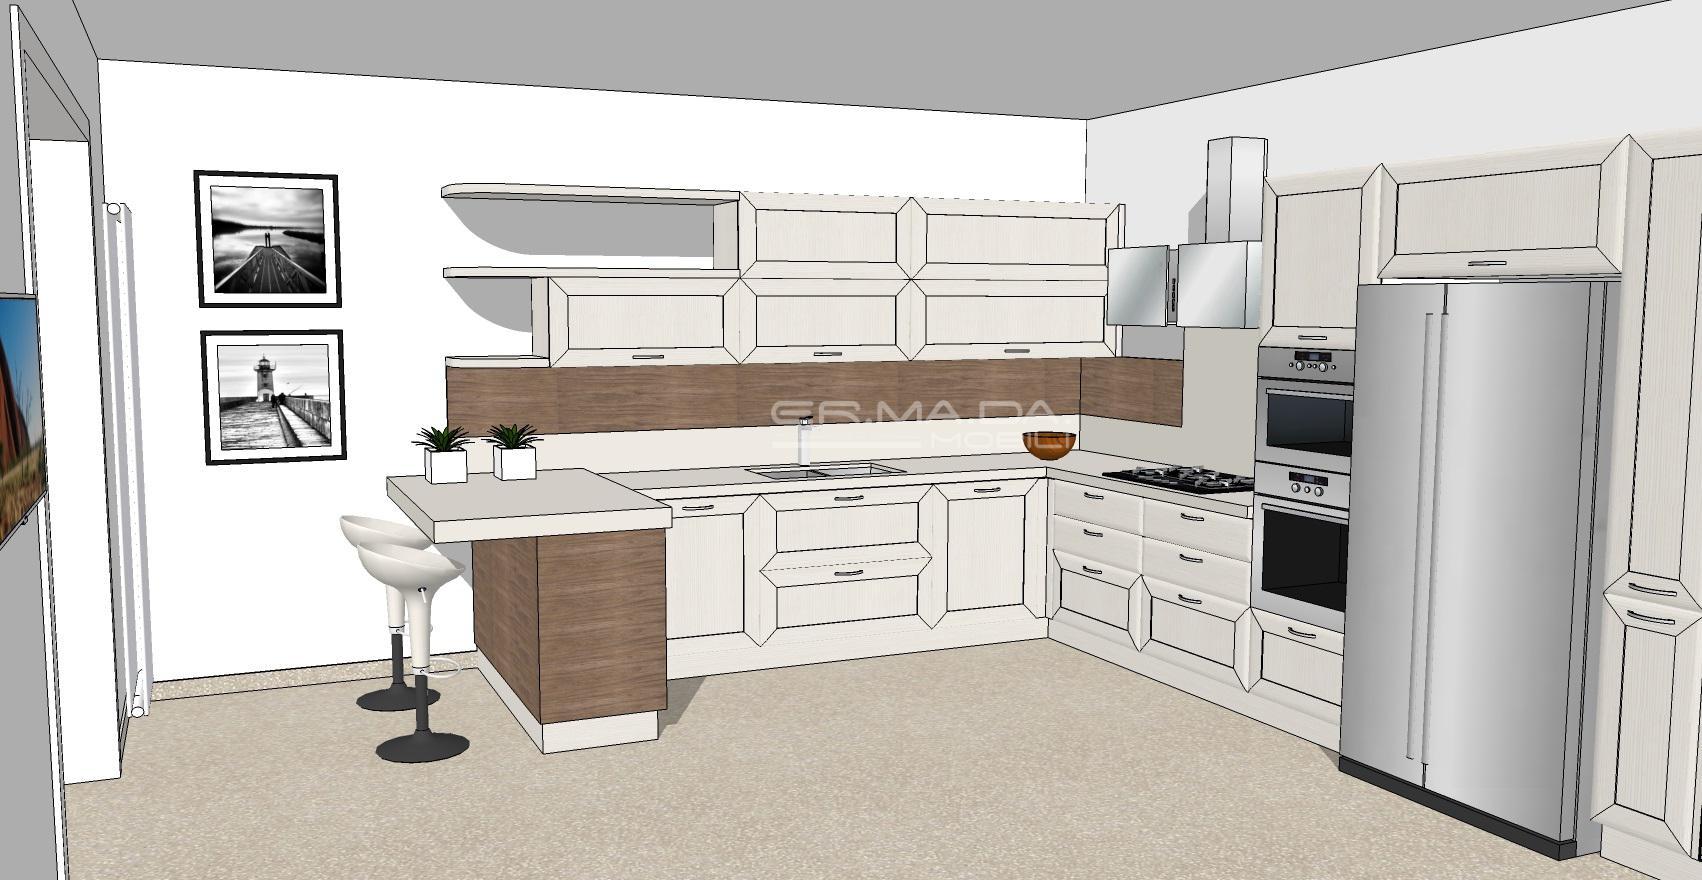 Cucina 15 er ma da mobilificio progetta e for Progetta i tuoi mobili